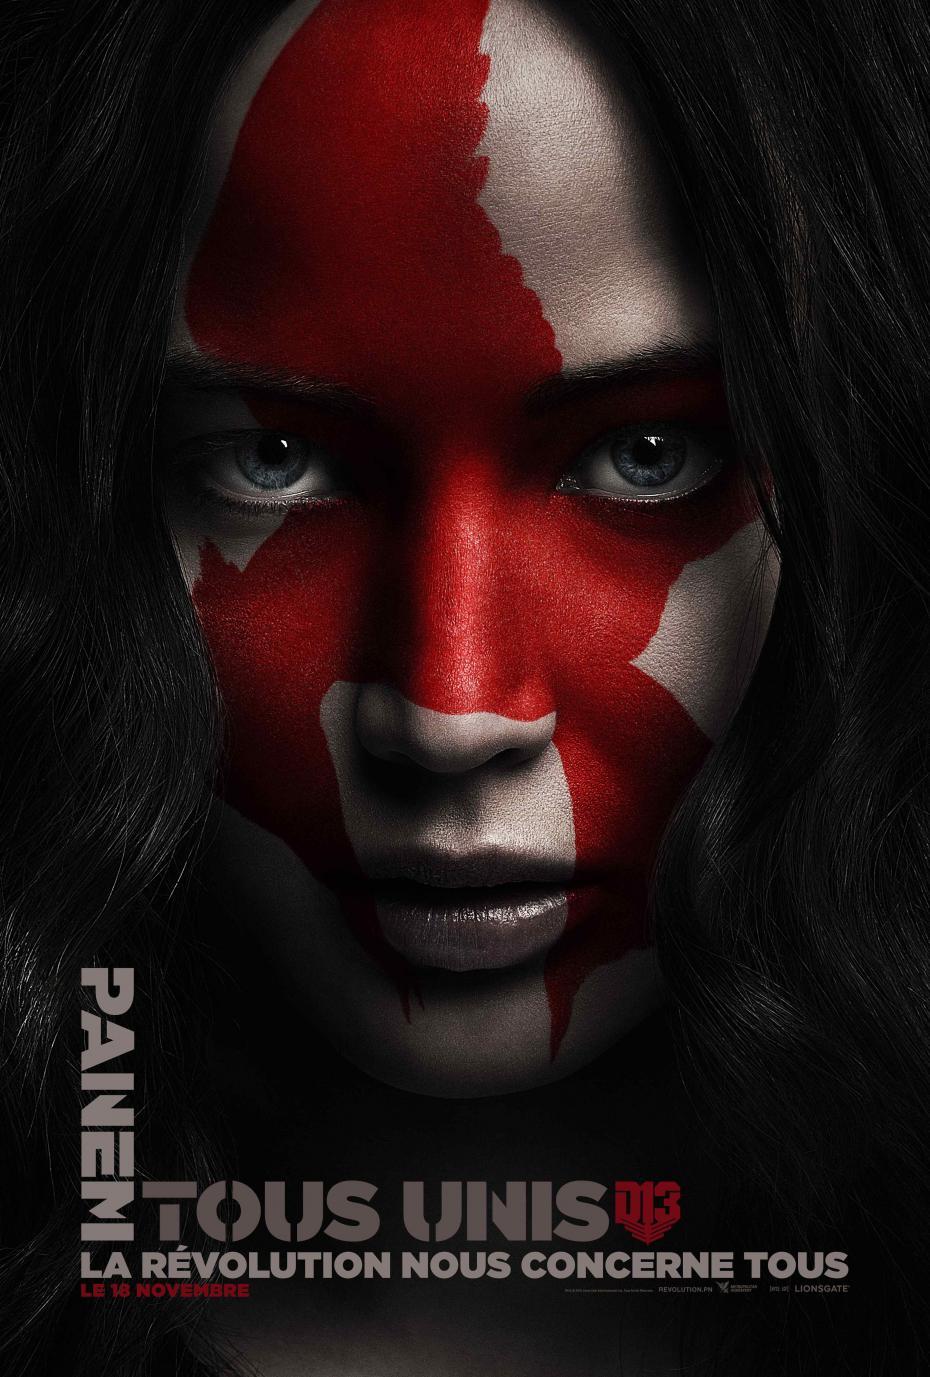 katniss-le-symbole-de-la-revolte